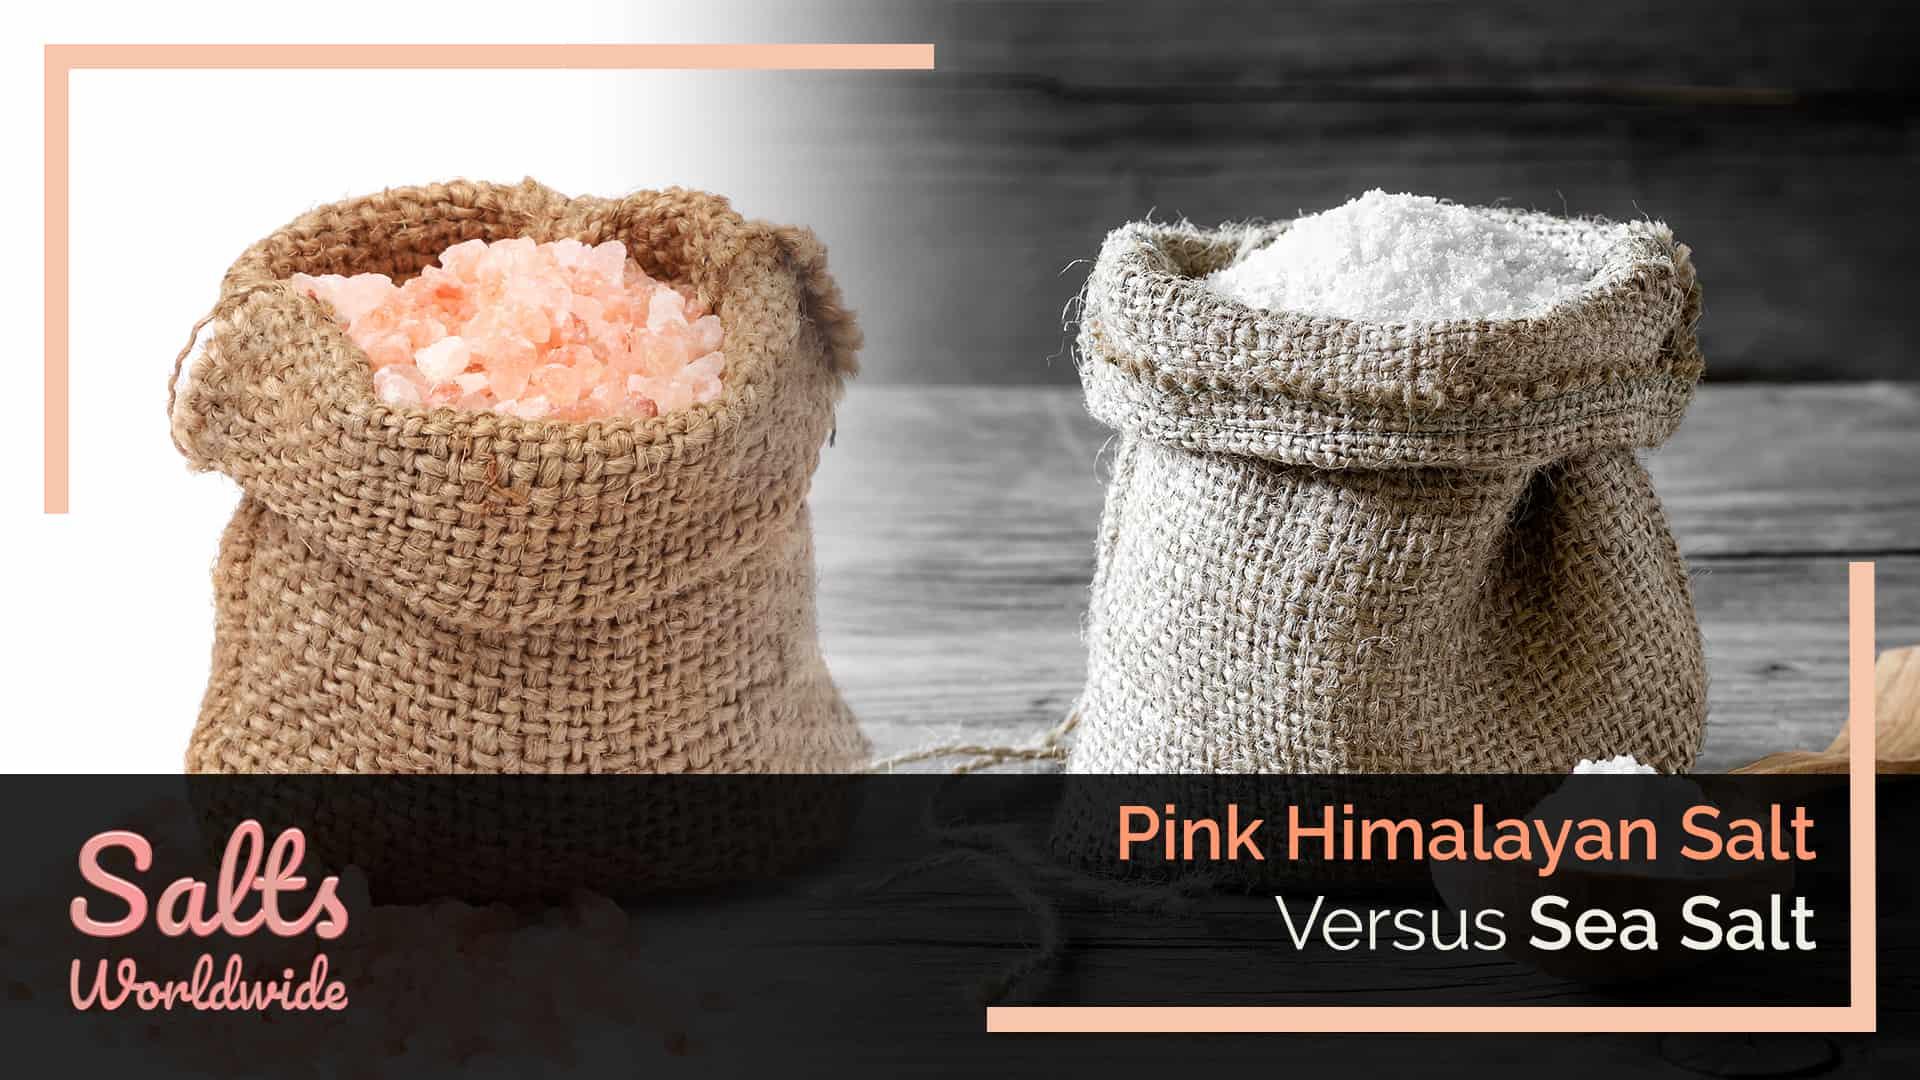 Pink Himalayan Salt Versus Sea Salt - featured image